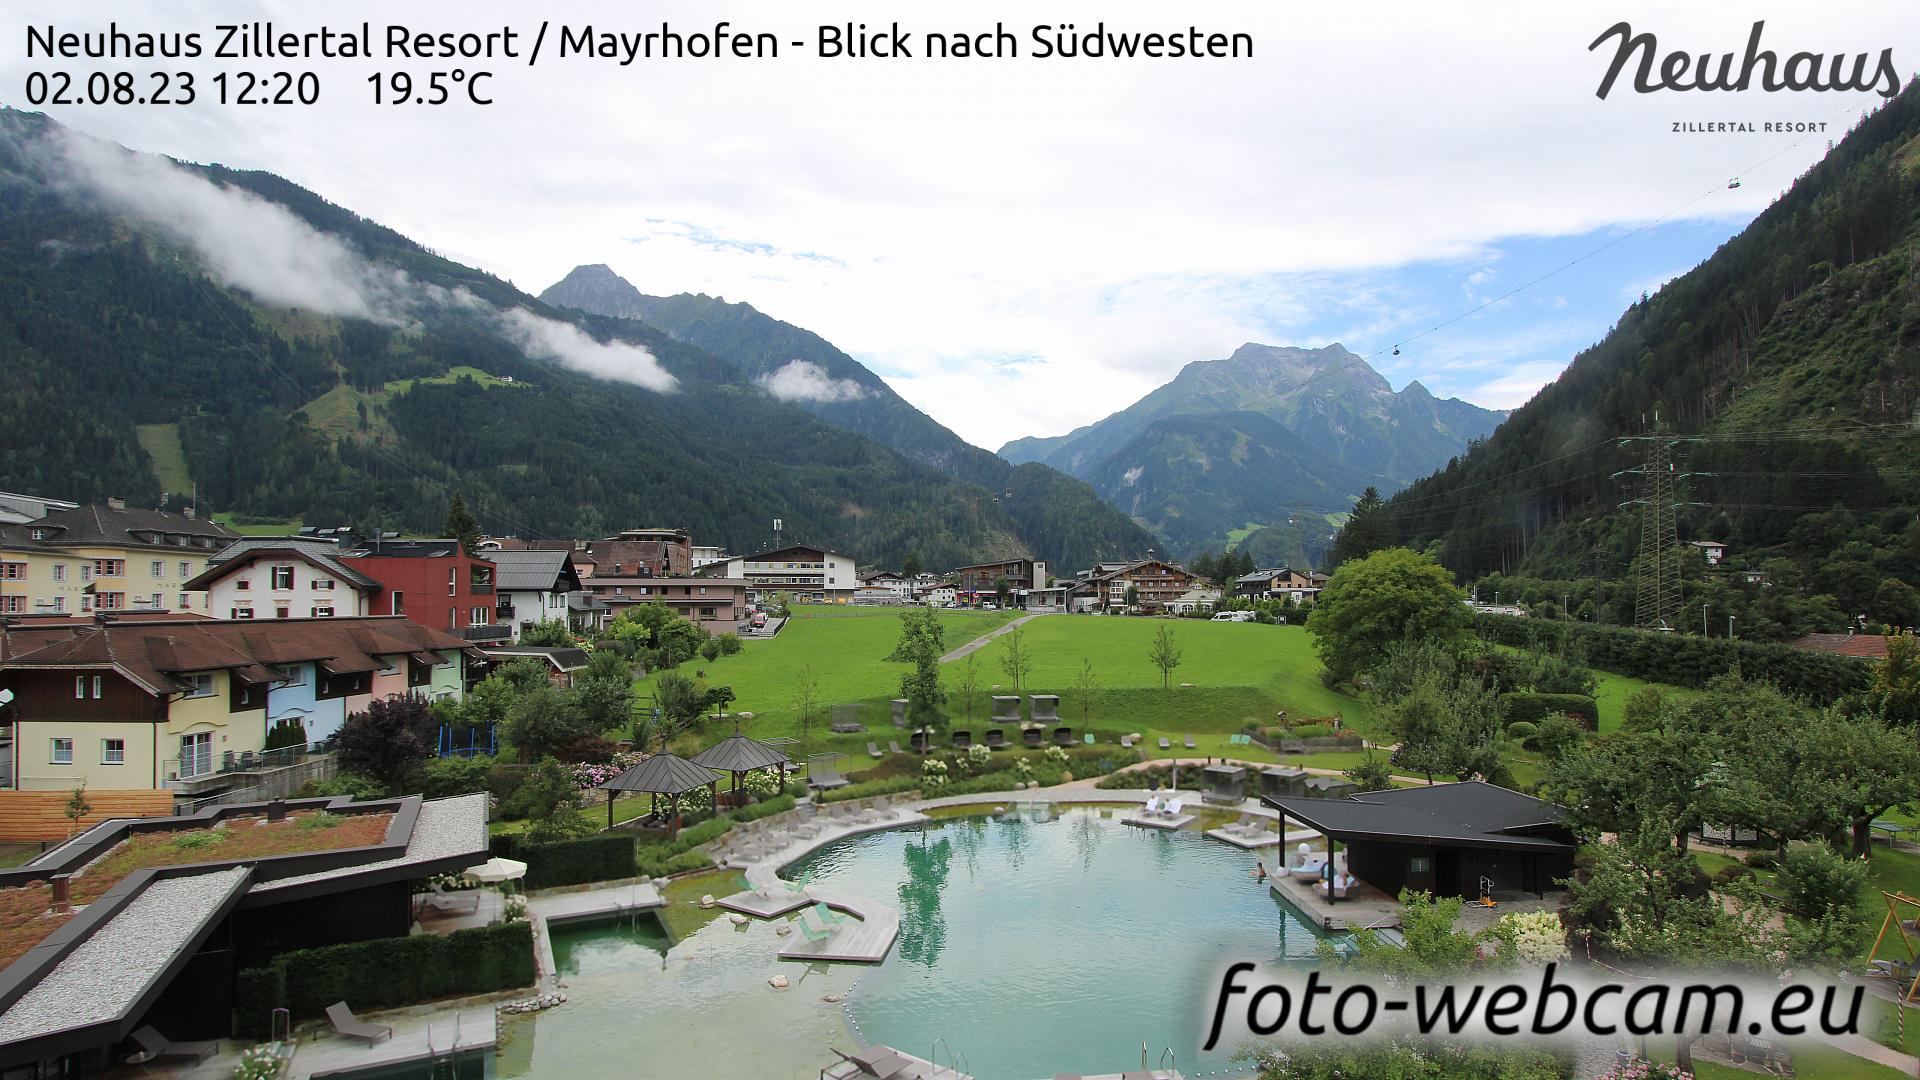 Mayrhofen Sun. 12:33